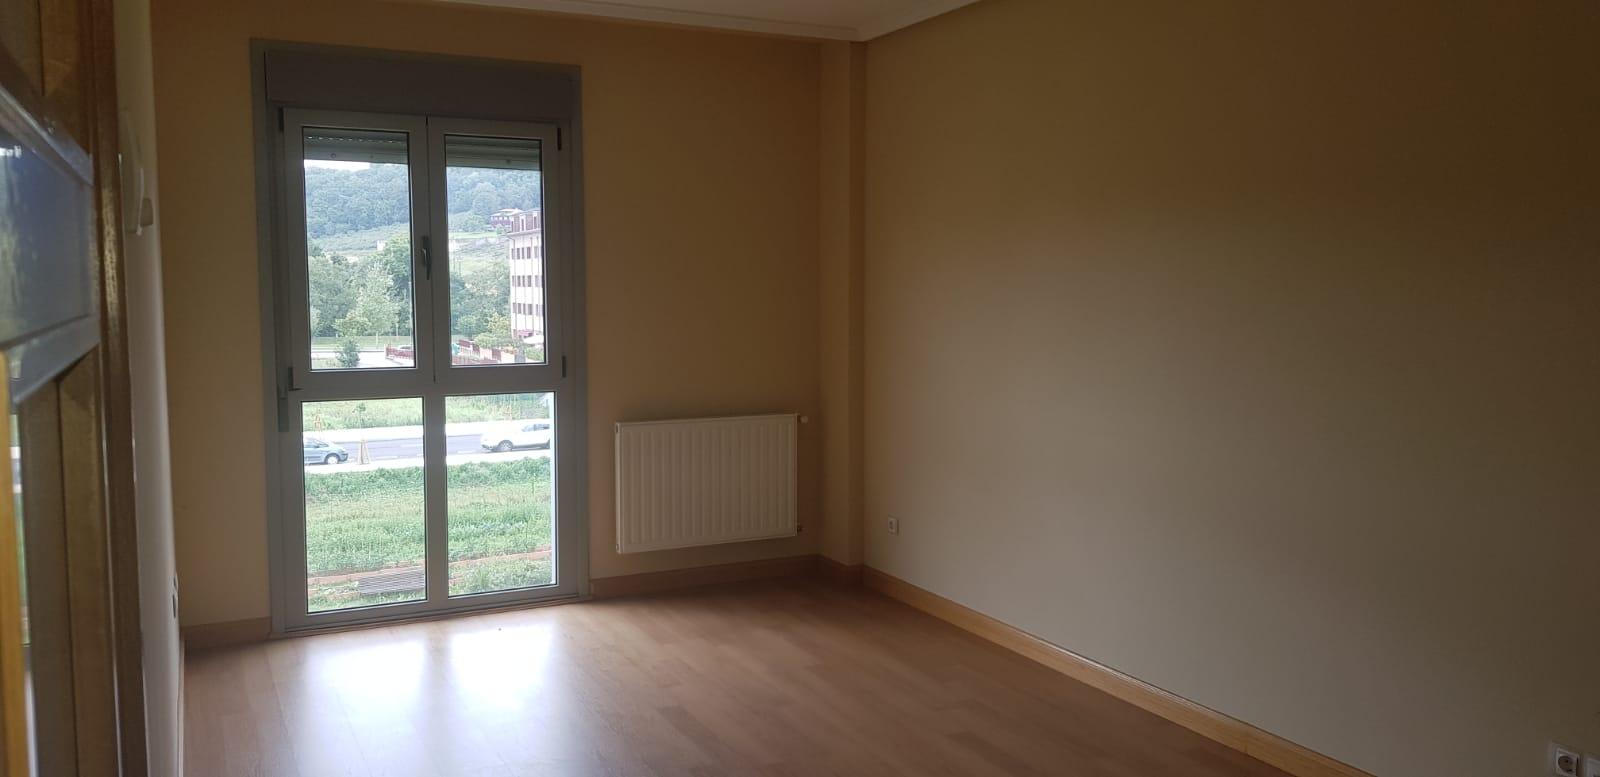 Piso en venta en Villaviciosa, Asturias, Calle del Cantu, 112.000 €, 3 habitaciones, 2 baños, 79,34 m2